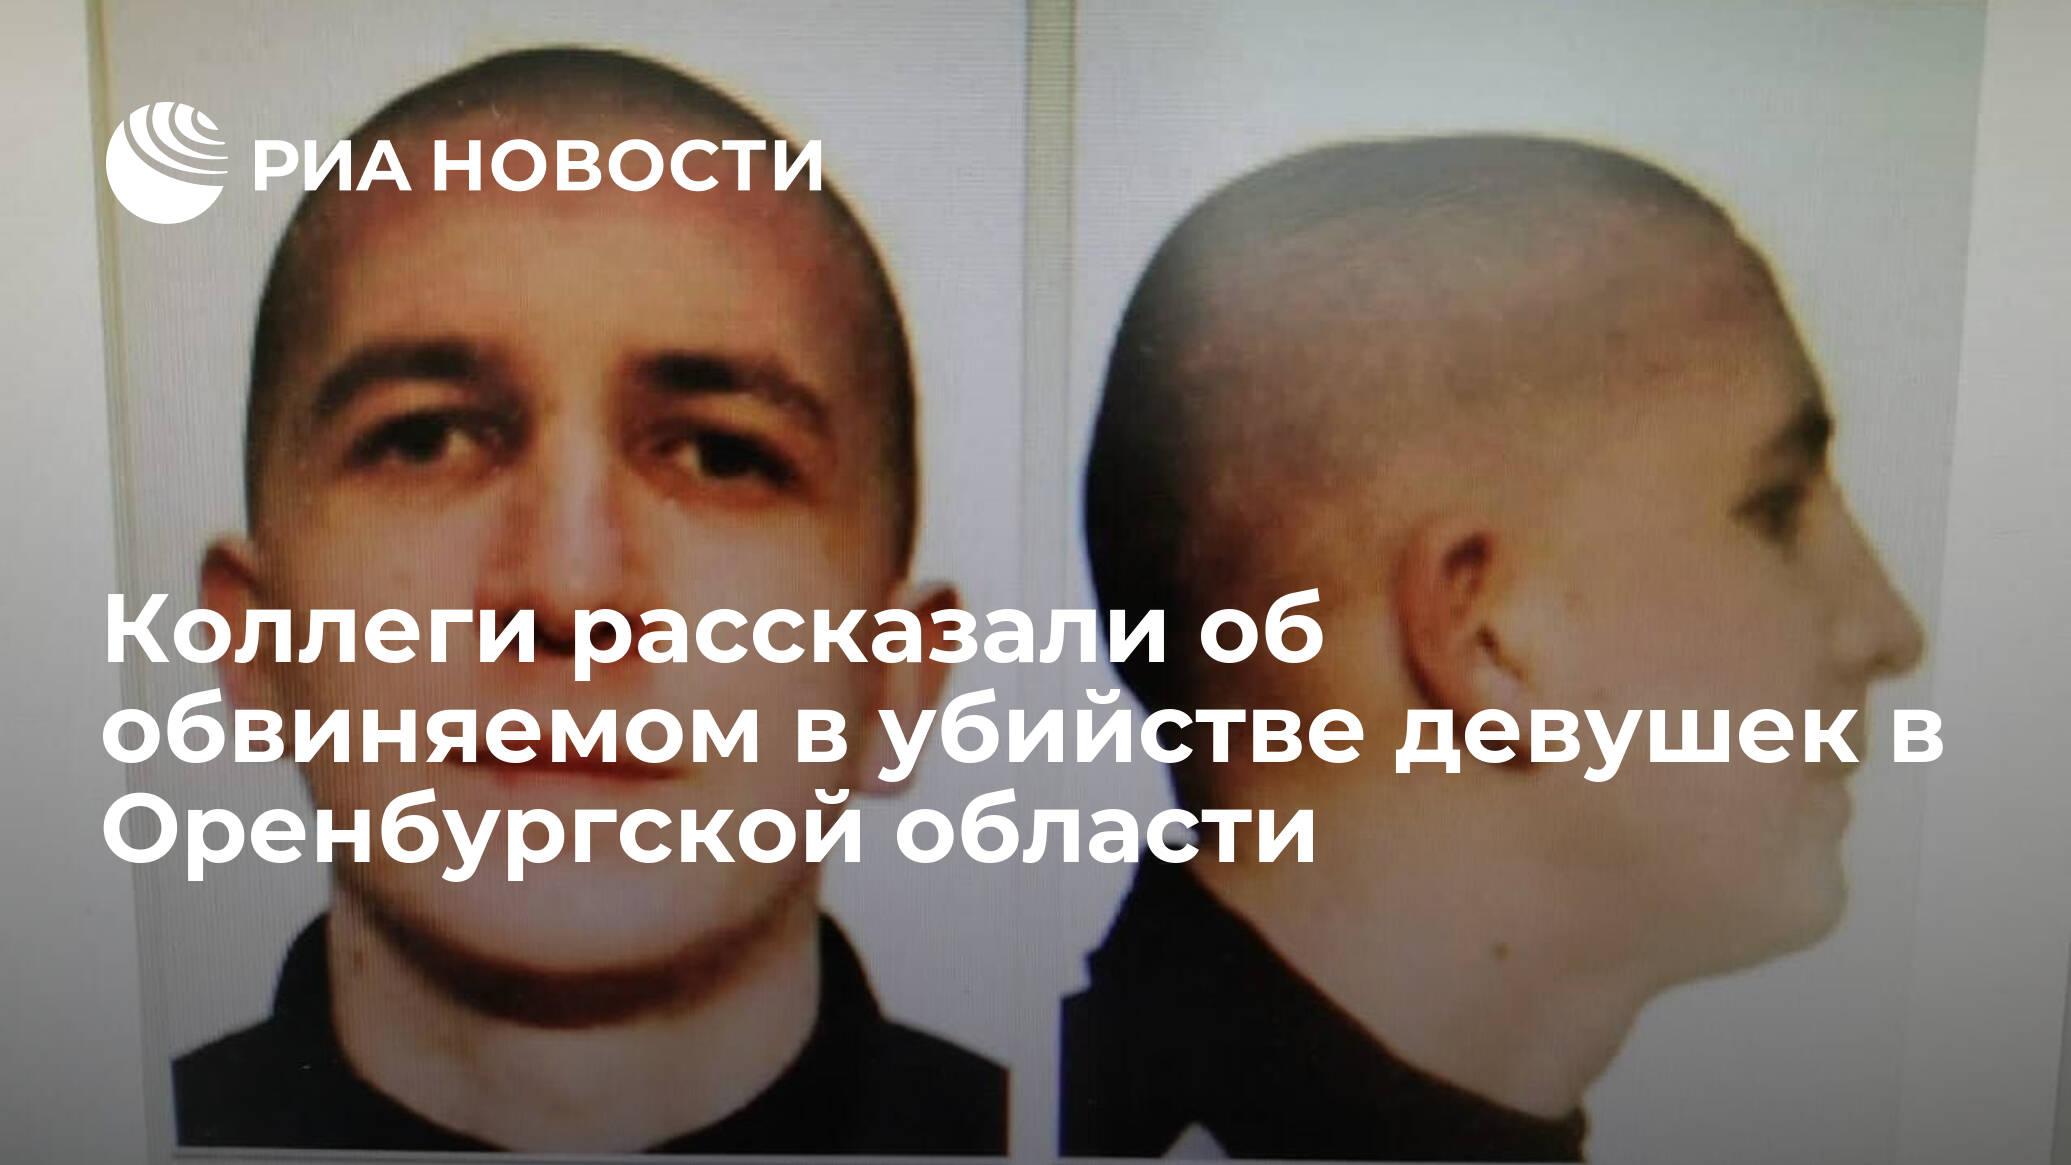 Коллеги рассказали об обвиняемом в убийстве девушек в Оренбургской области